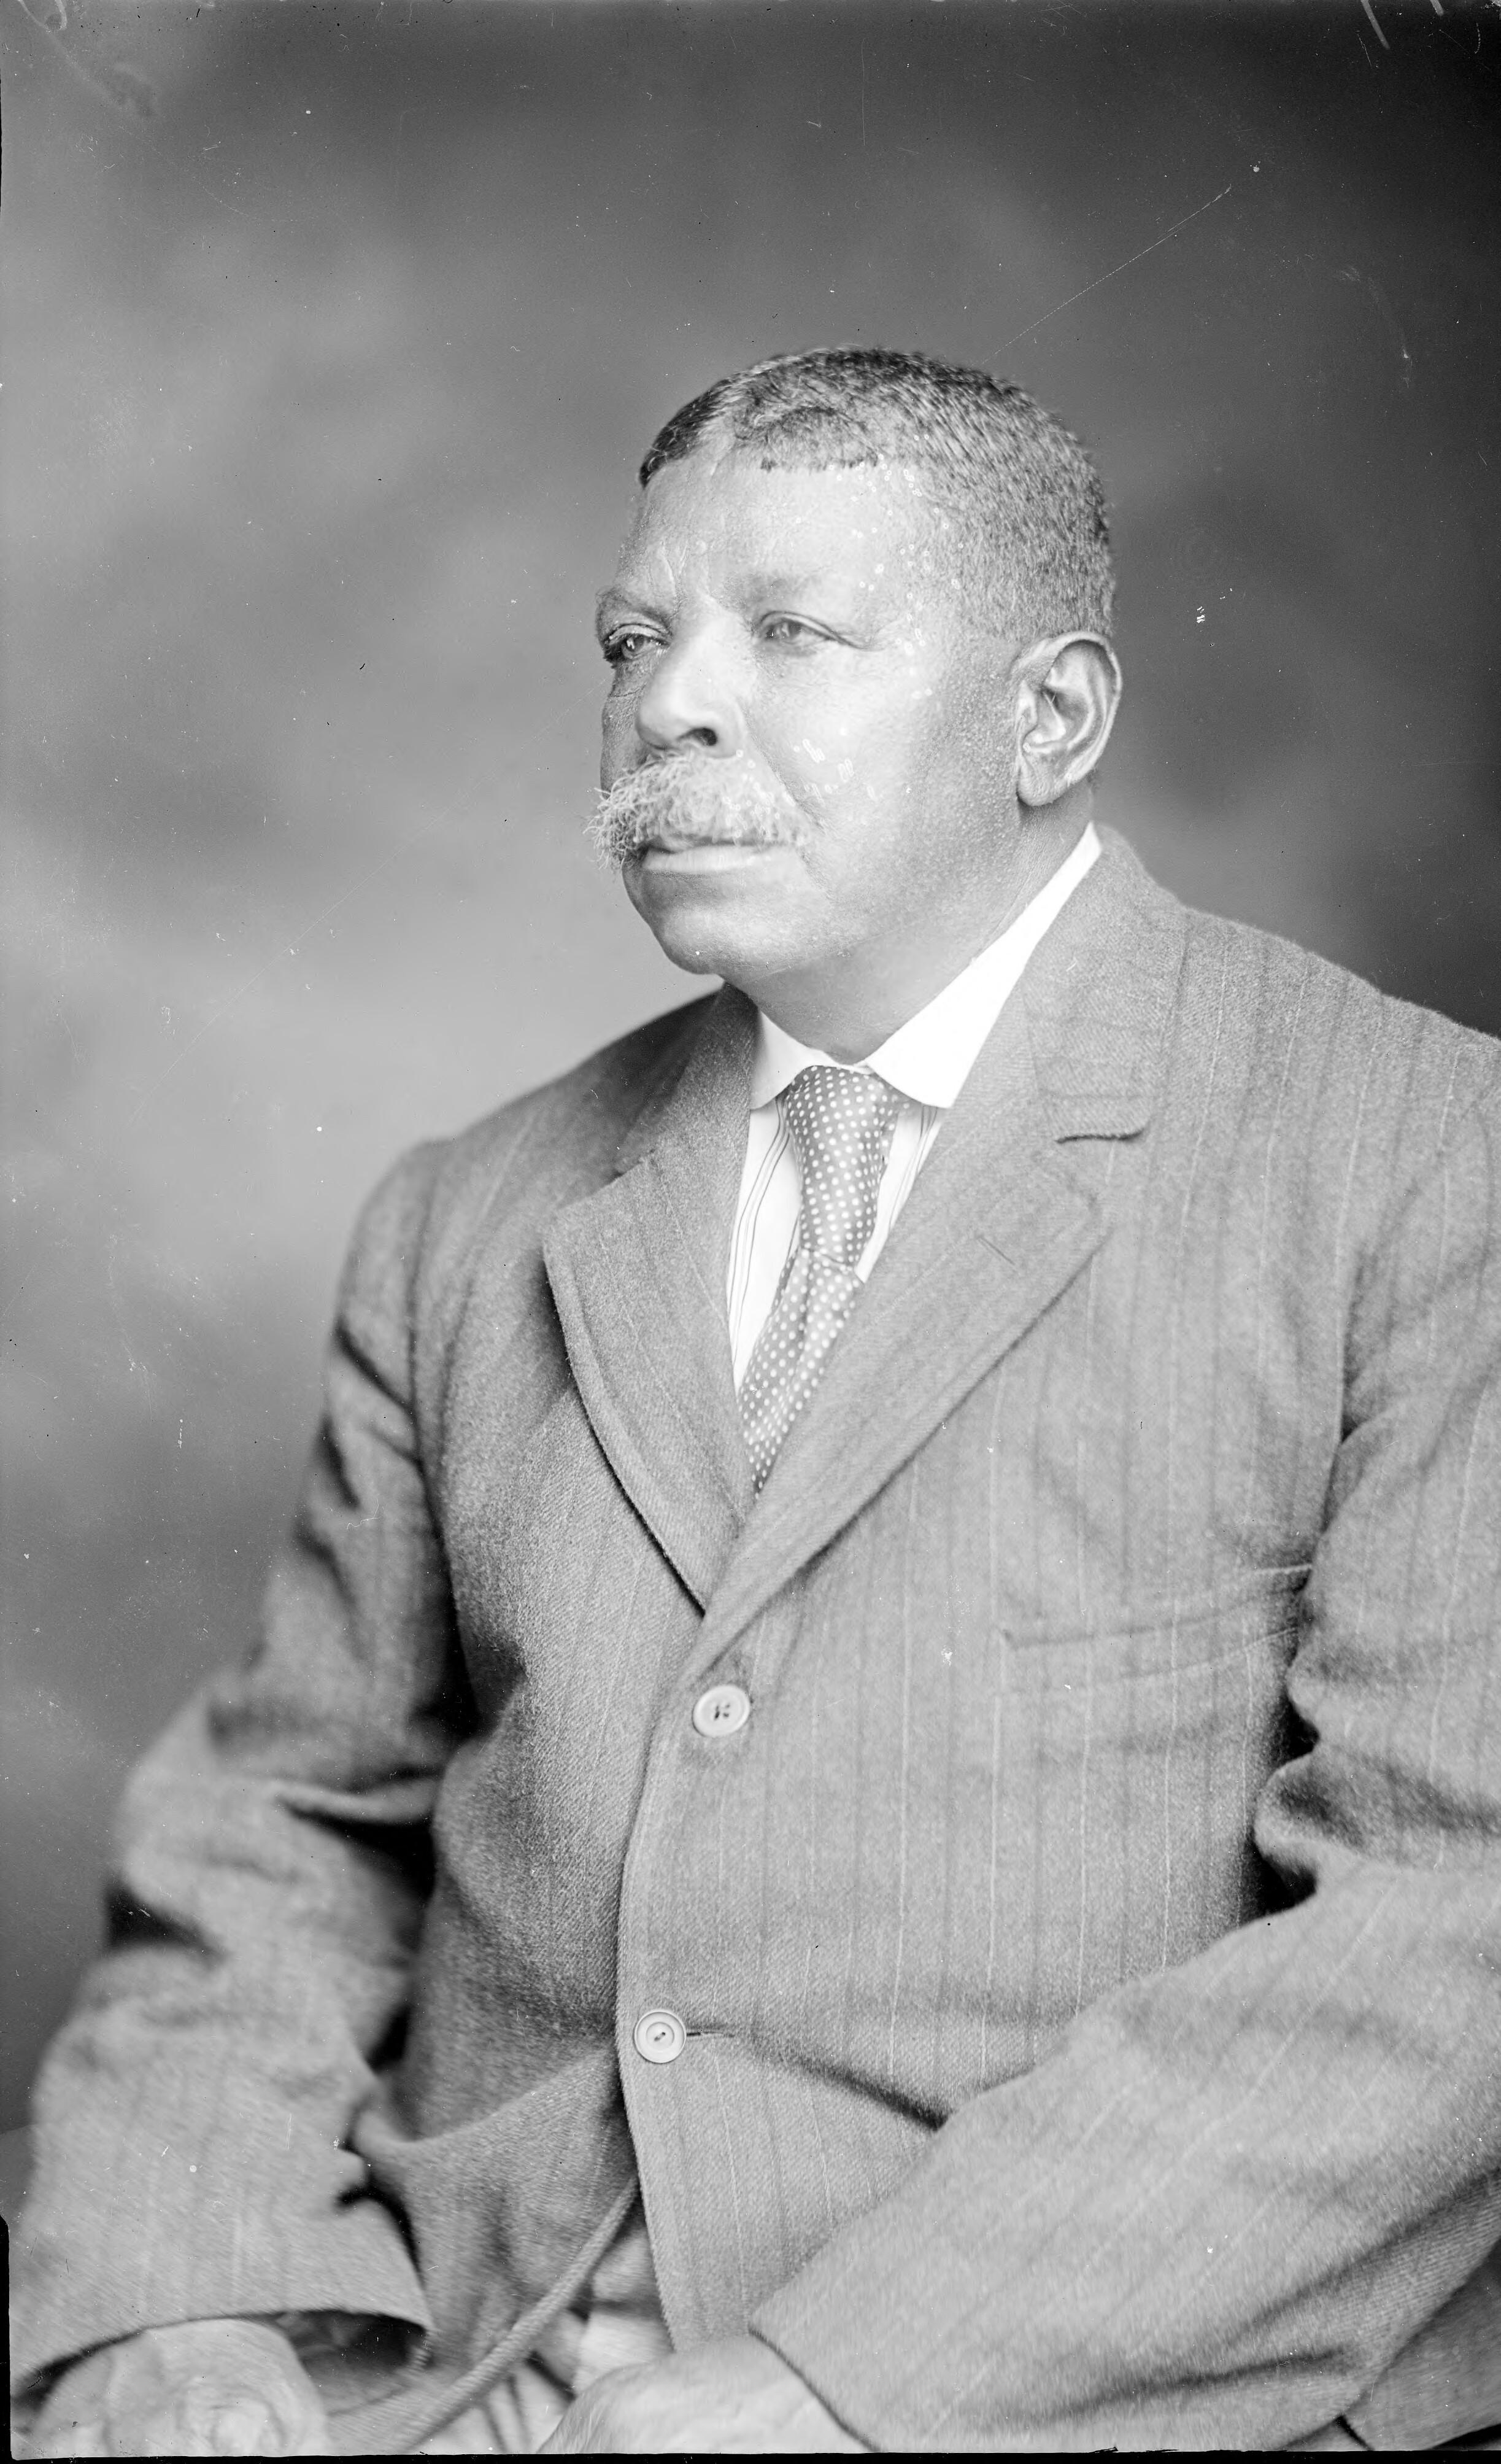 Isaac Lawson